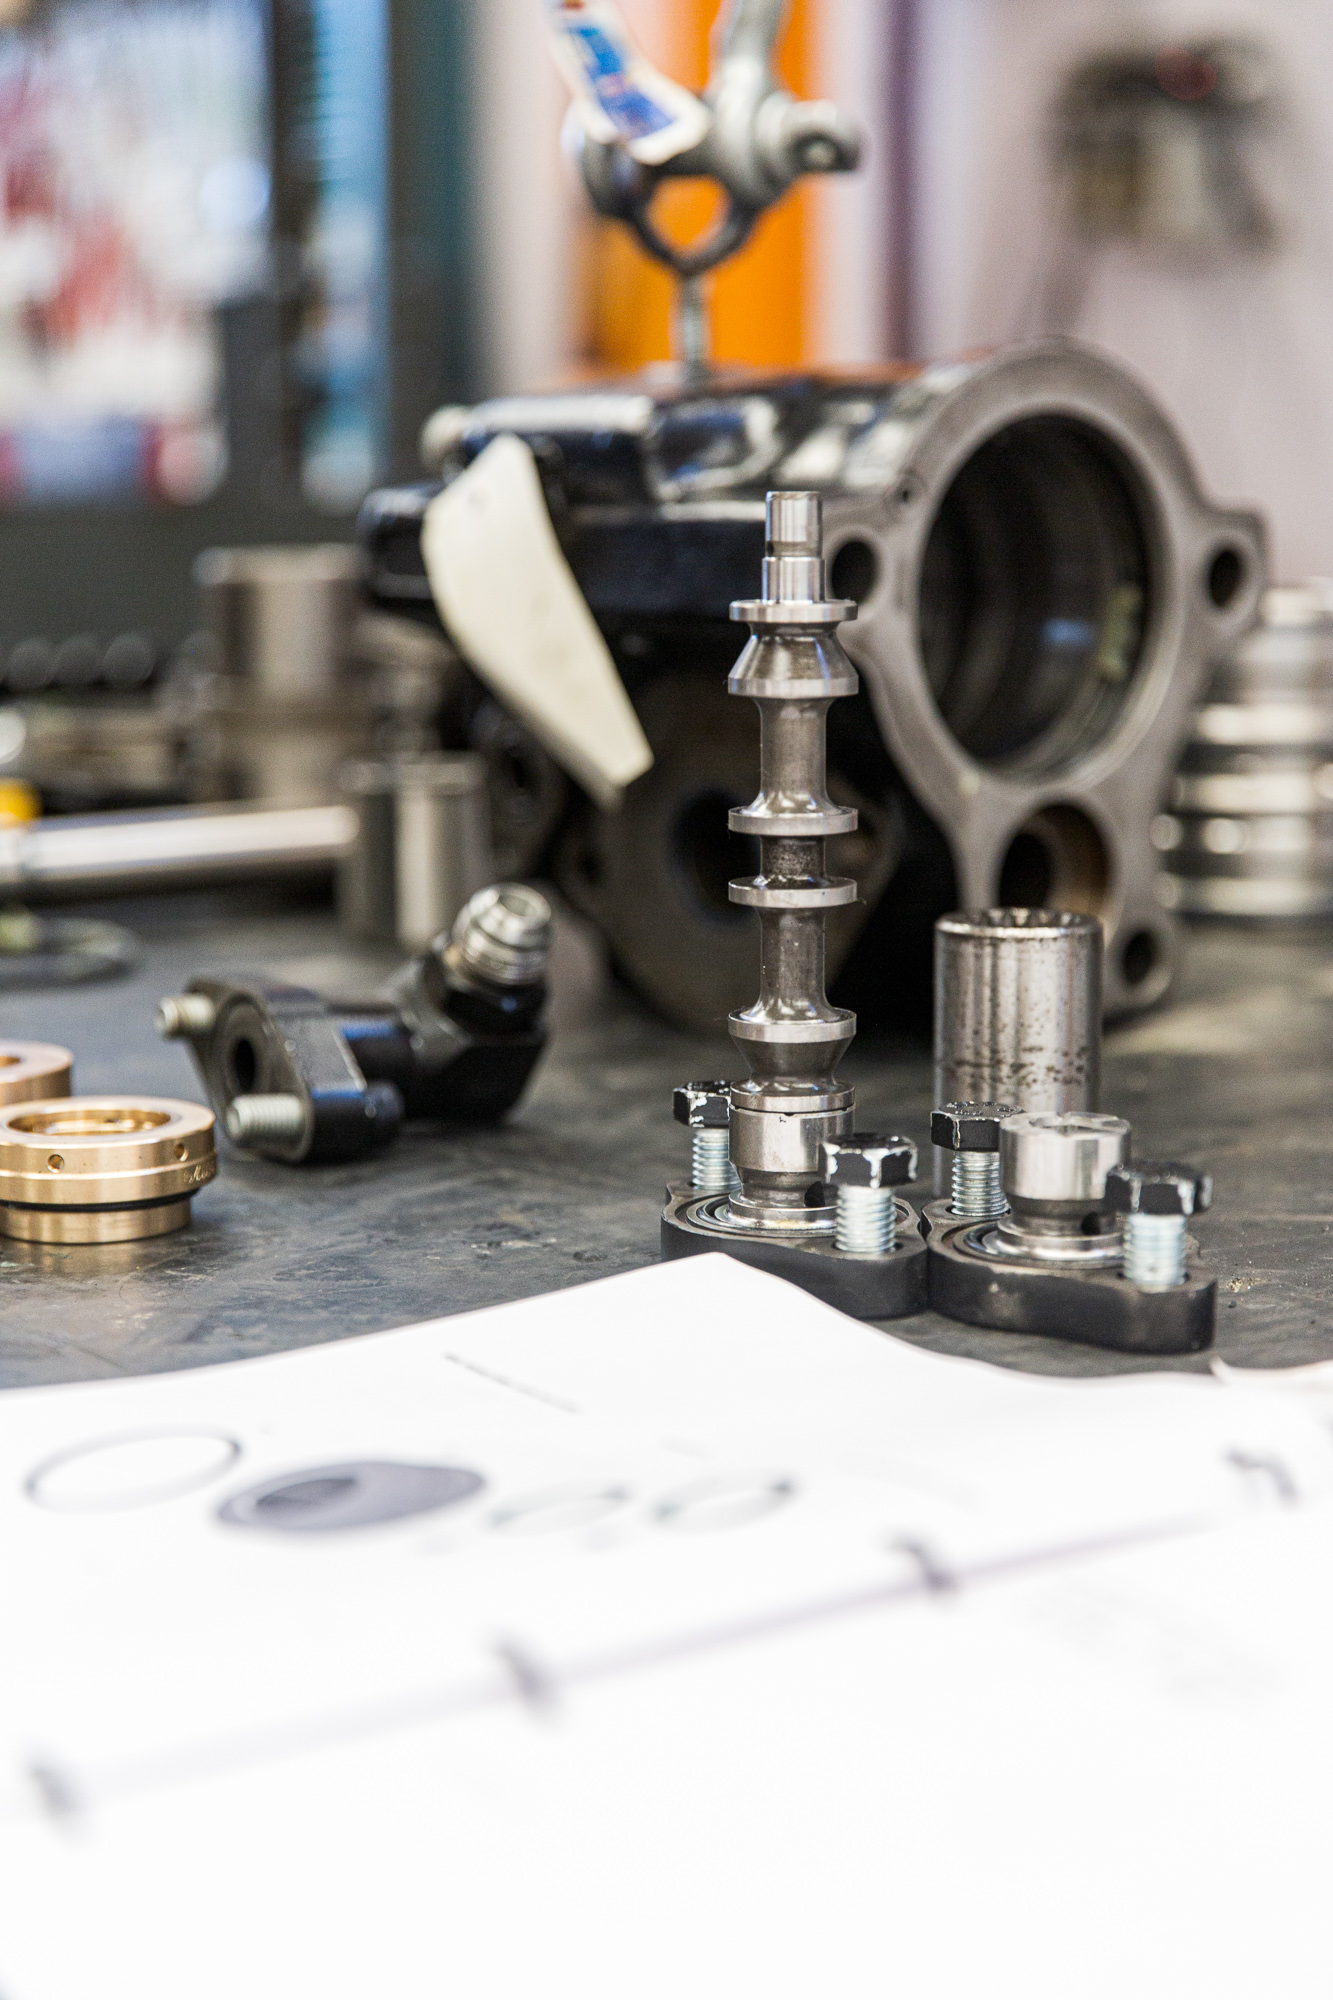 Un plan de montage est ouvert sur une table. On voit les pièces mécaniques en arrière plan.